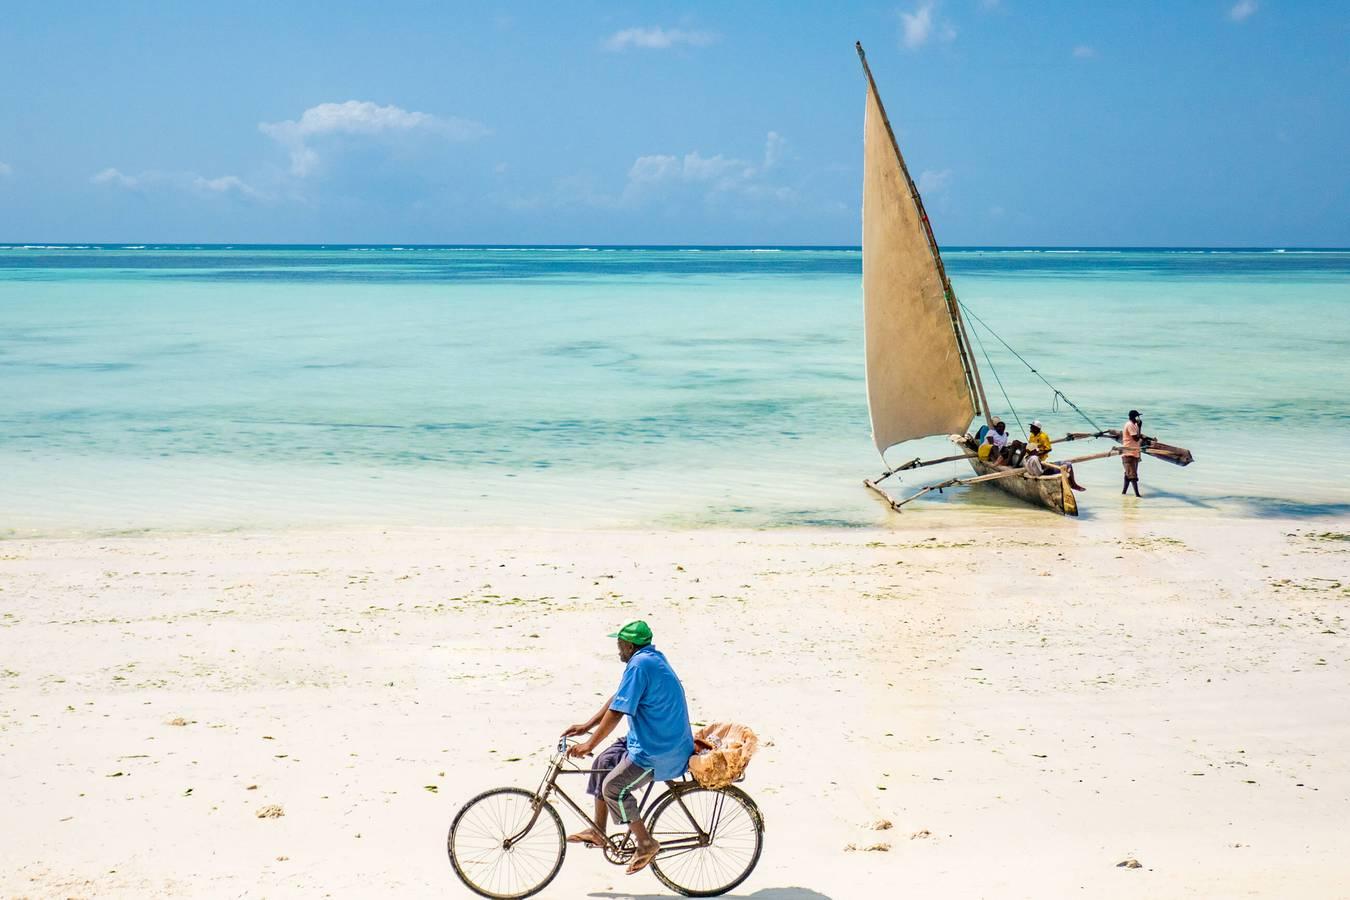 Corona a Zanzibar (očami miestnych)